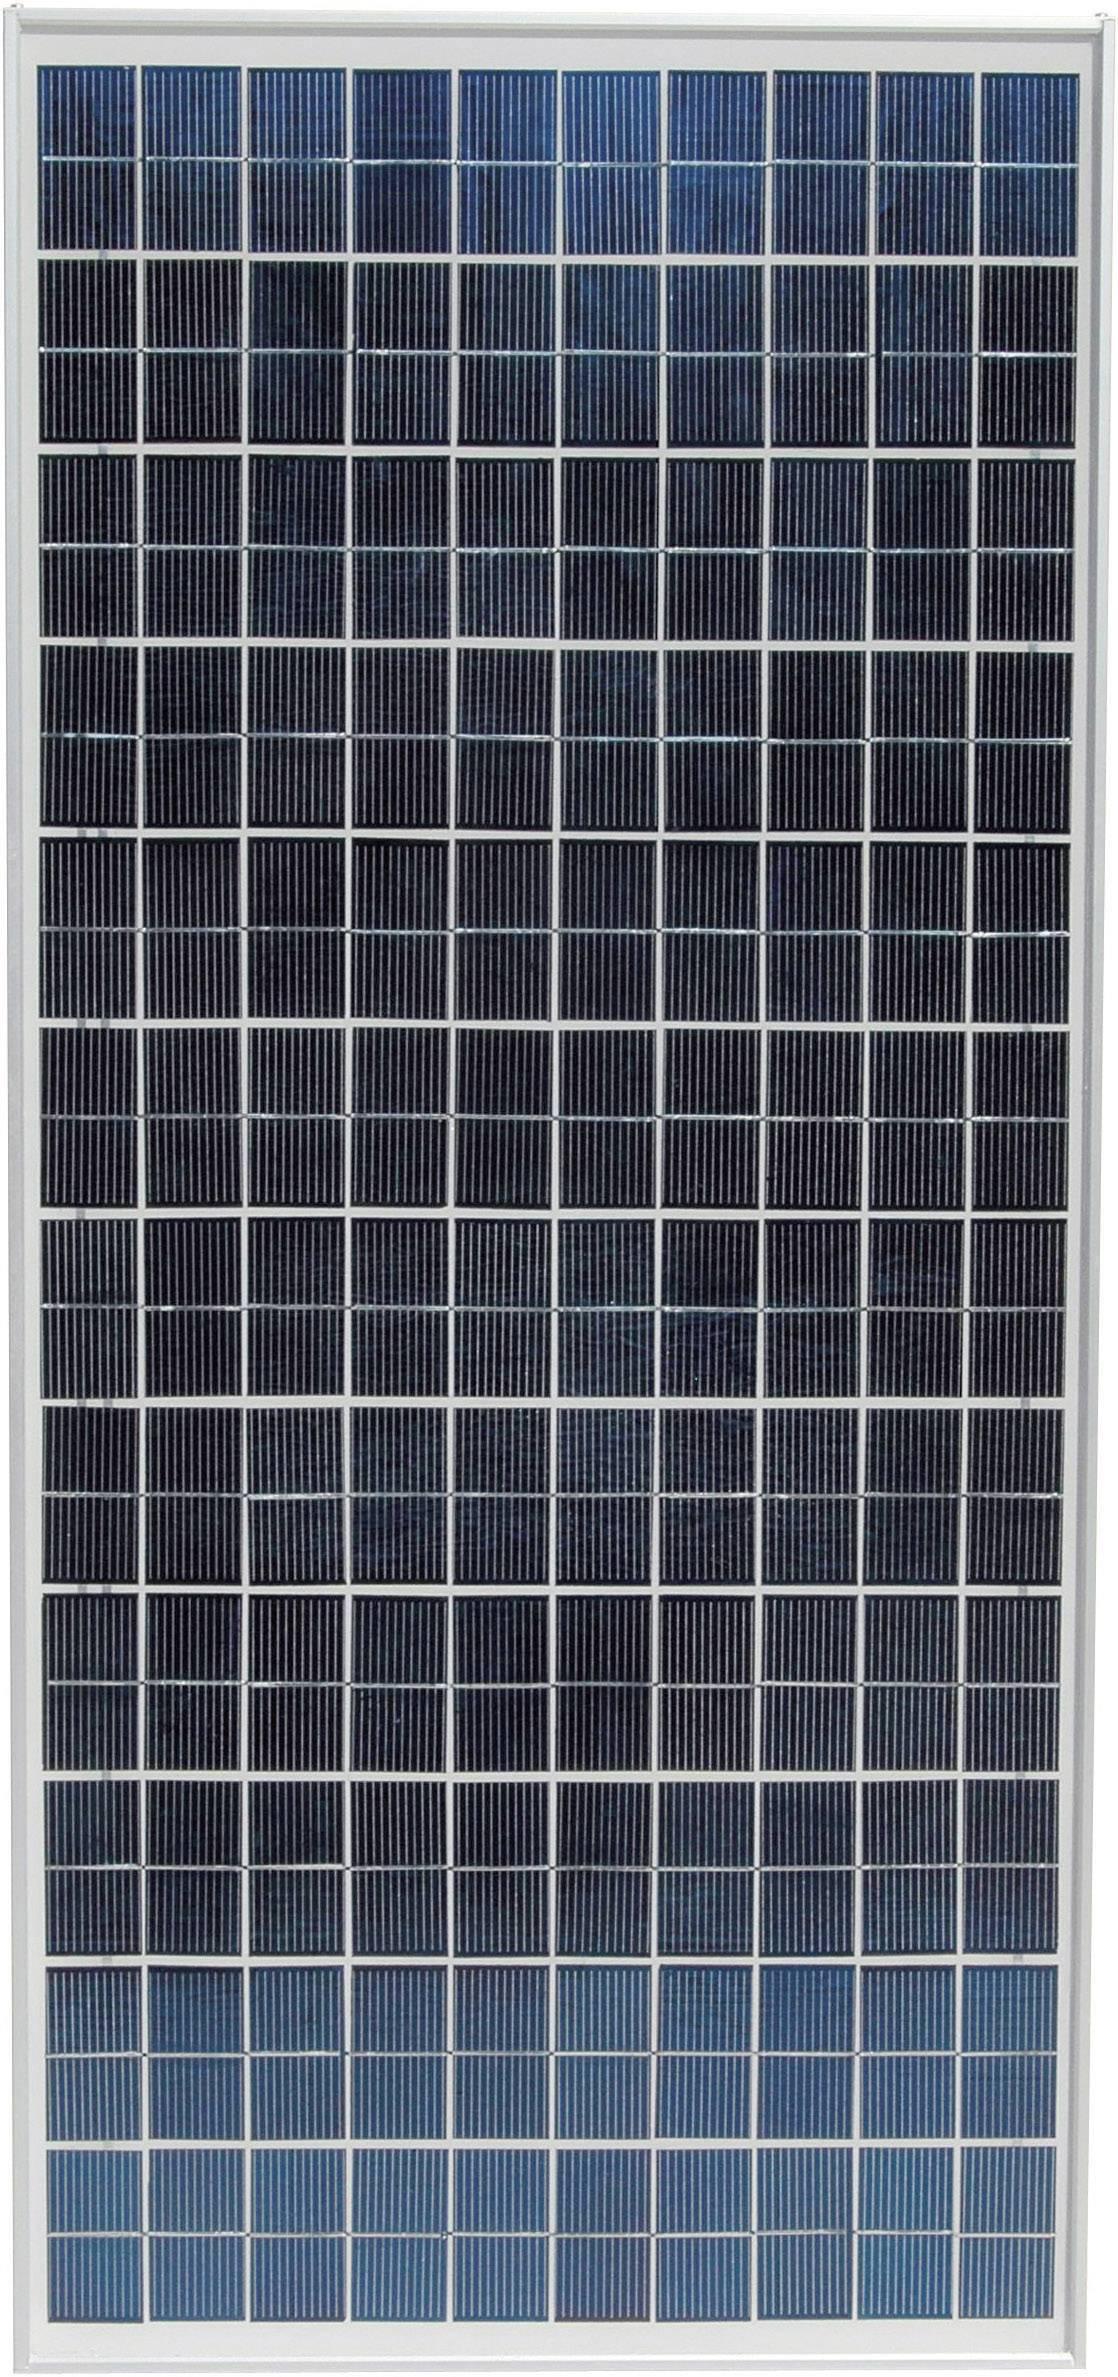 Polykrystalický solární panel Sunset PX 55, 3200 mA, 55 Wp, 12 V